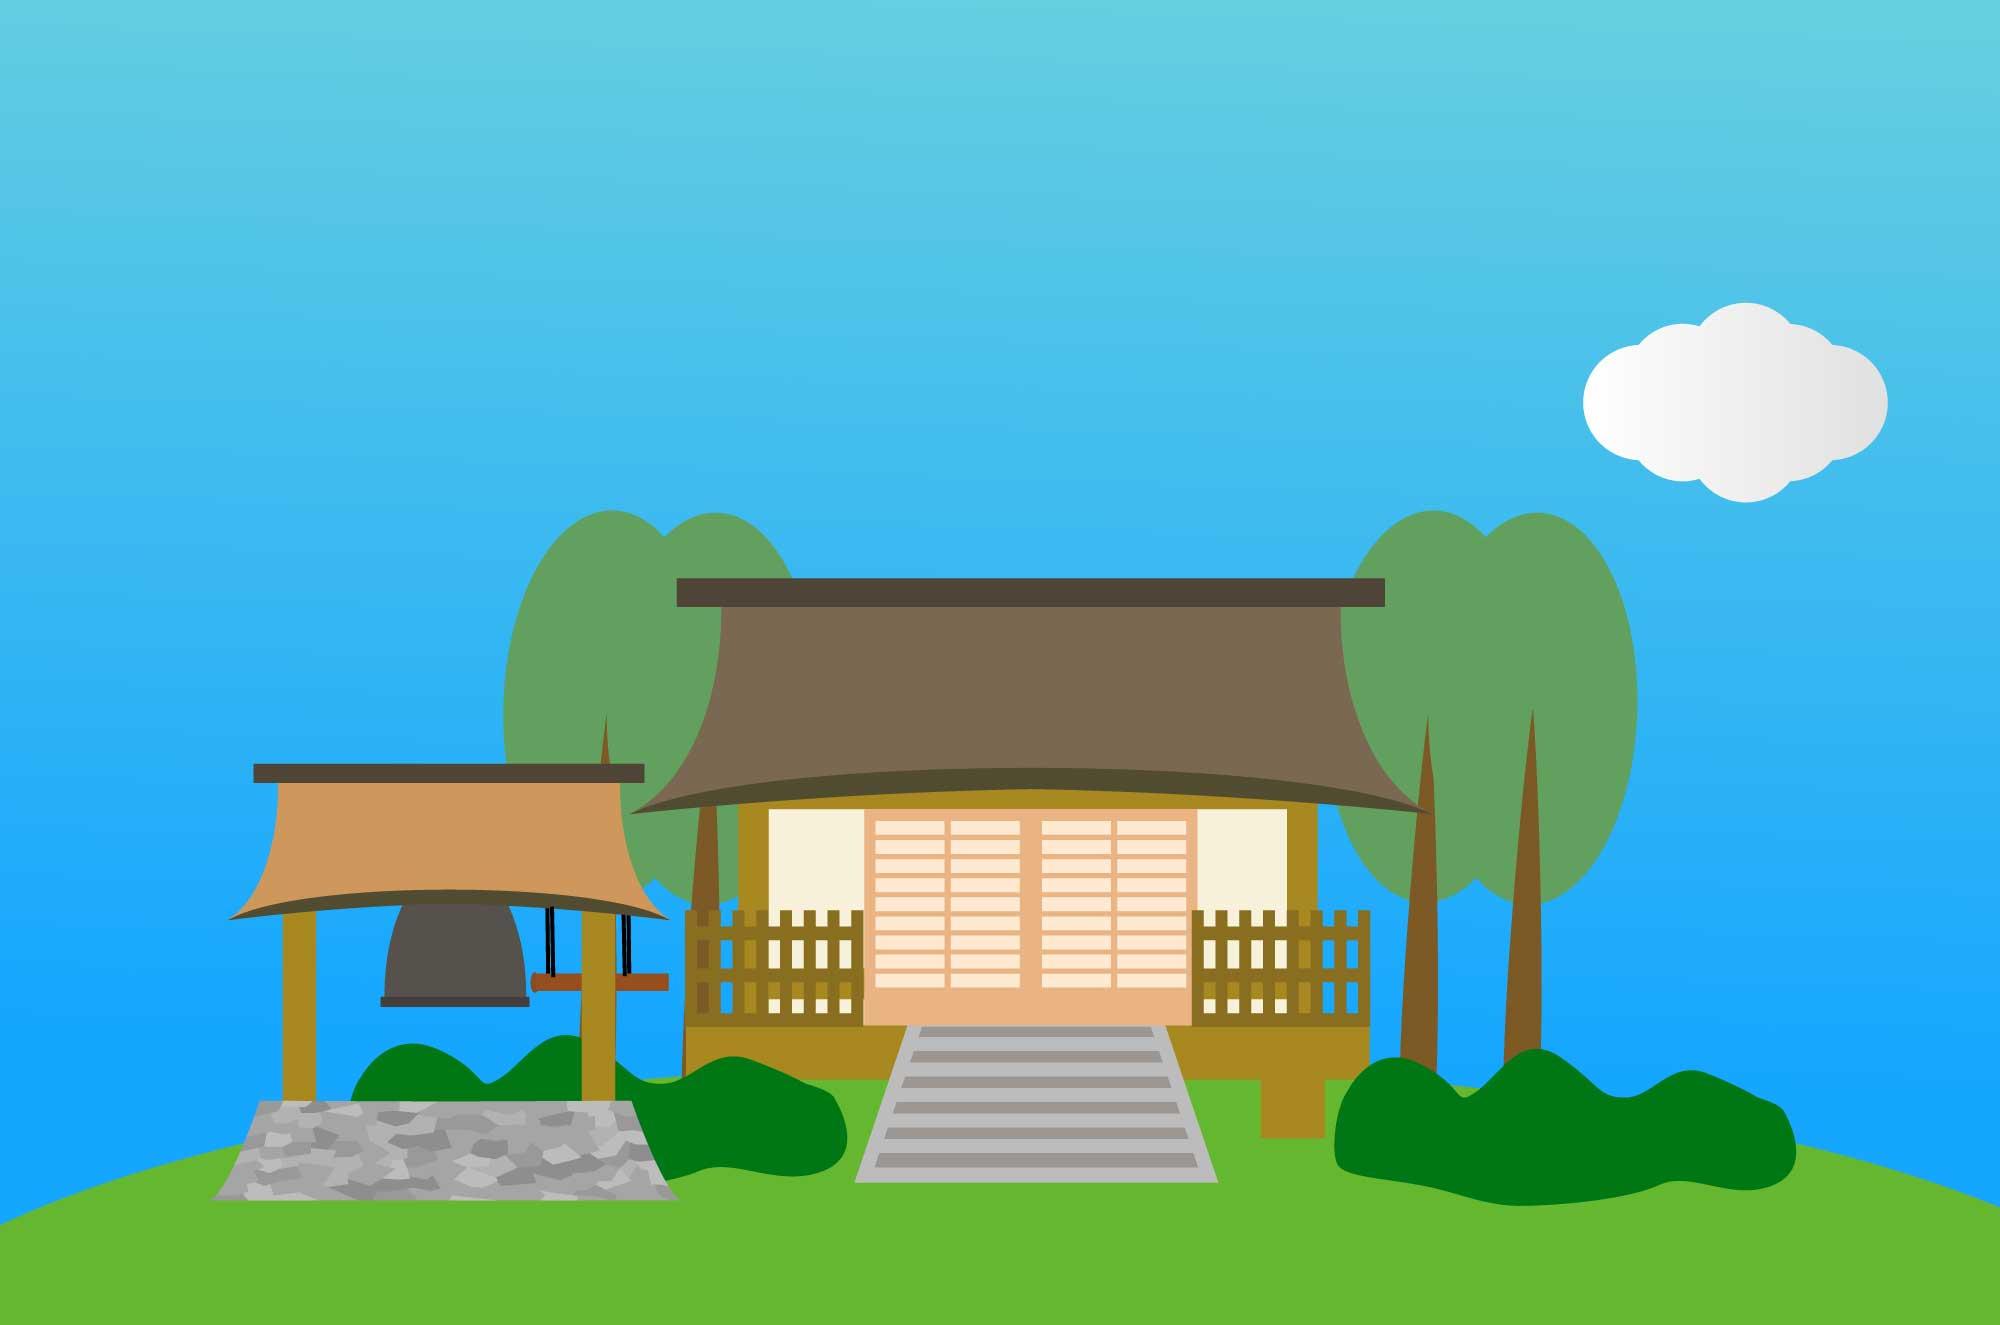 お寺の無料イラスト - 日本の建物イラスト素材